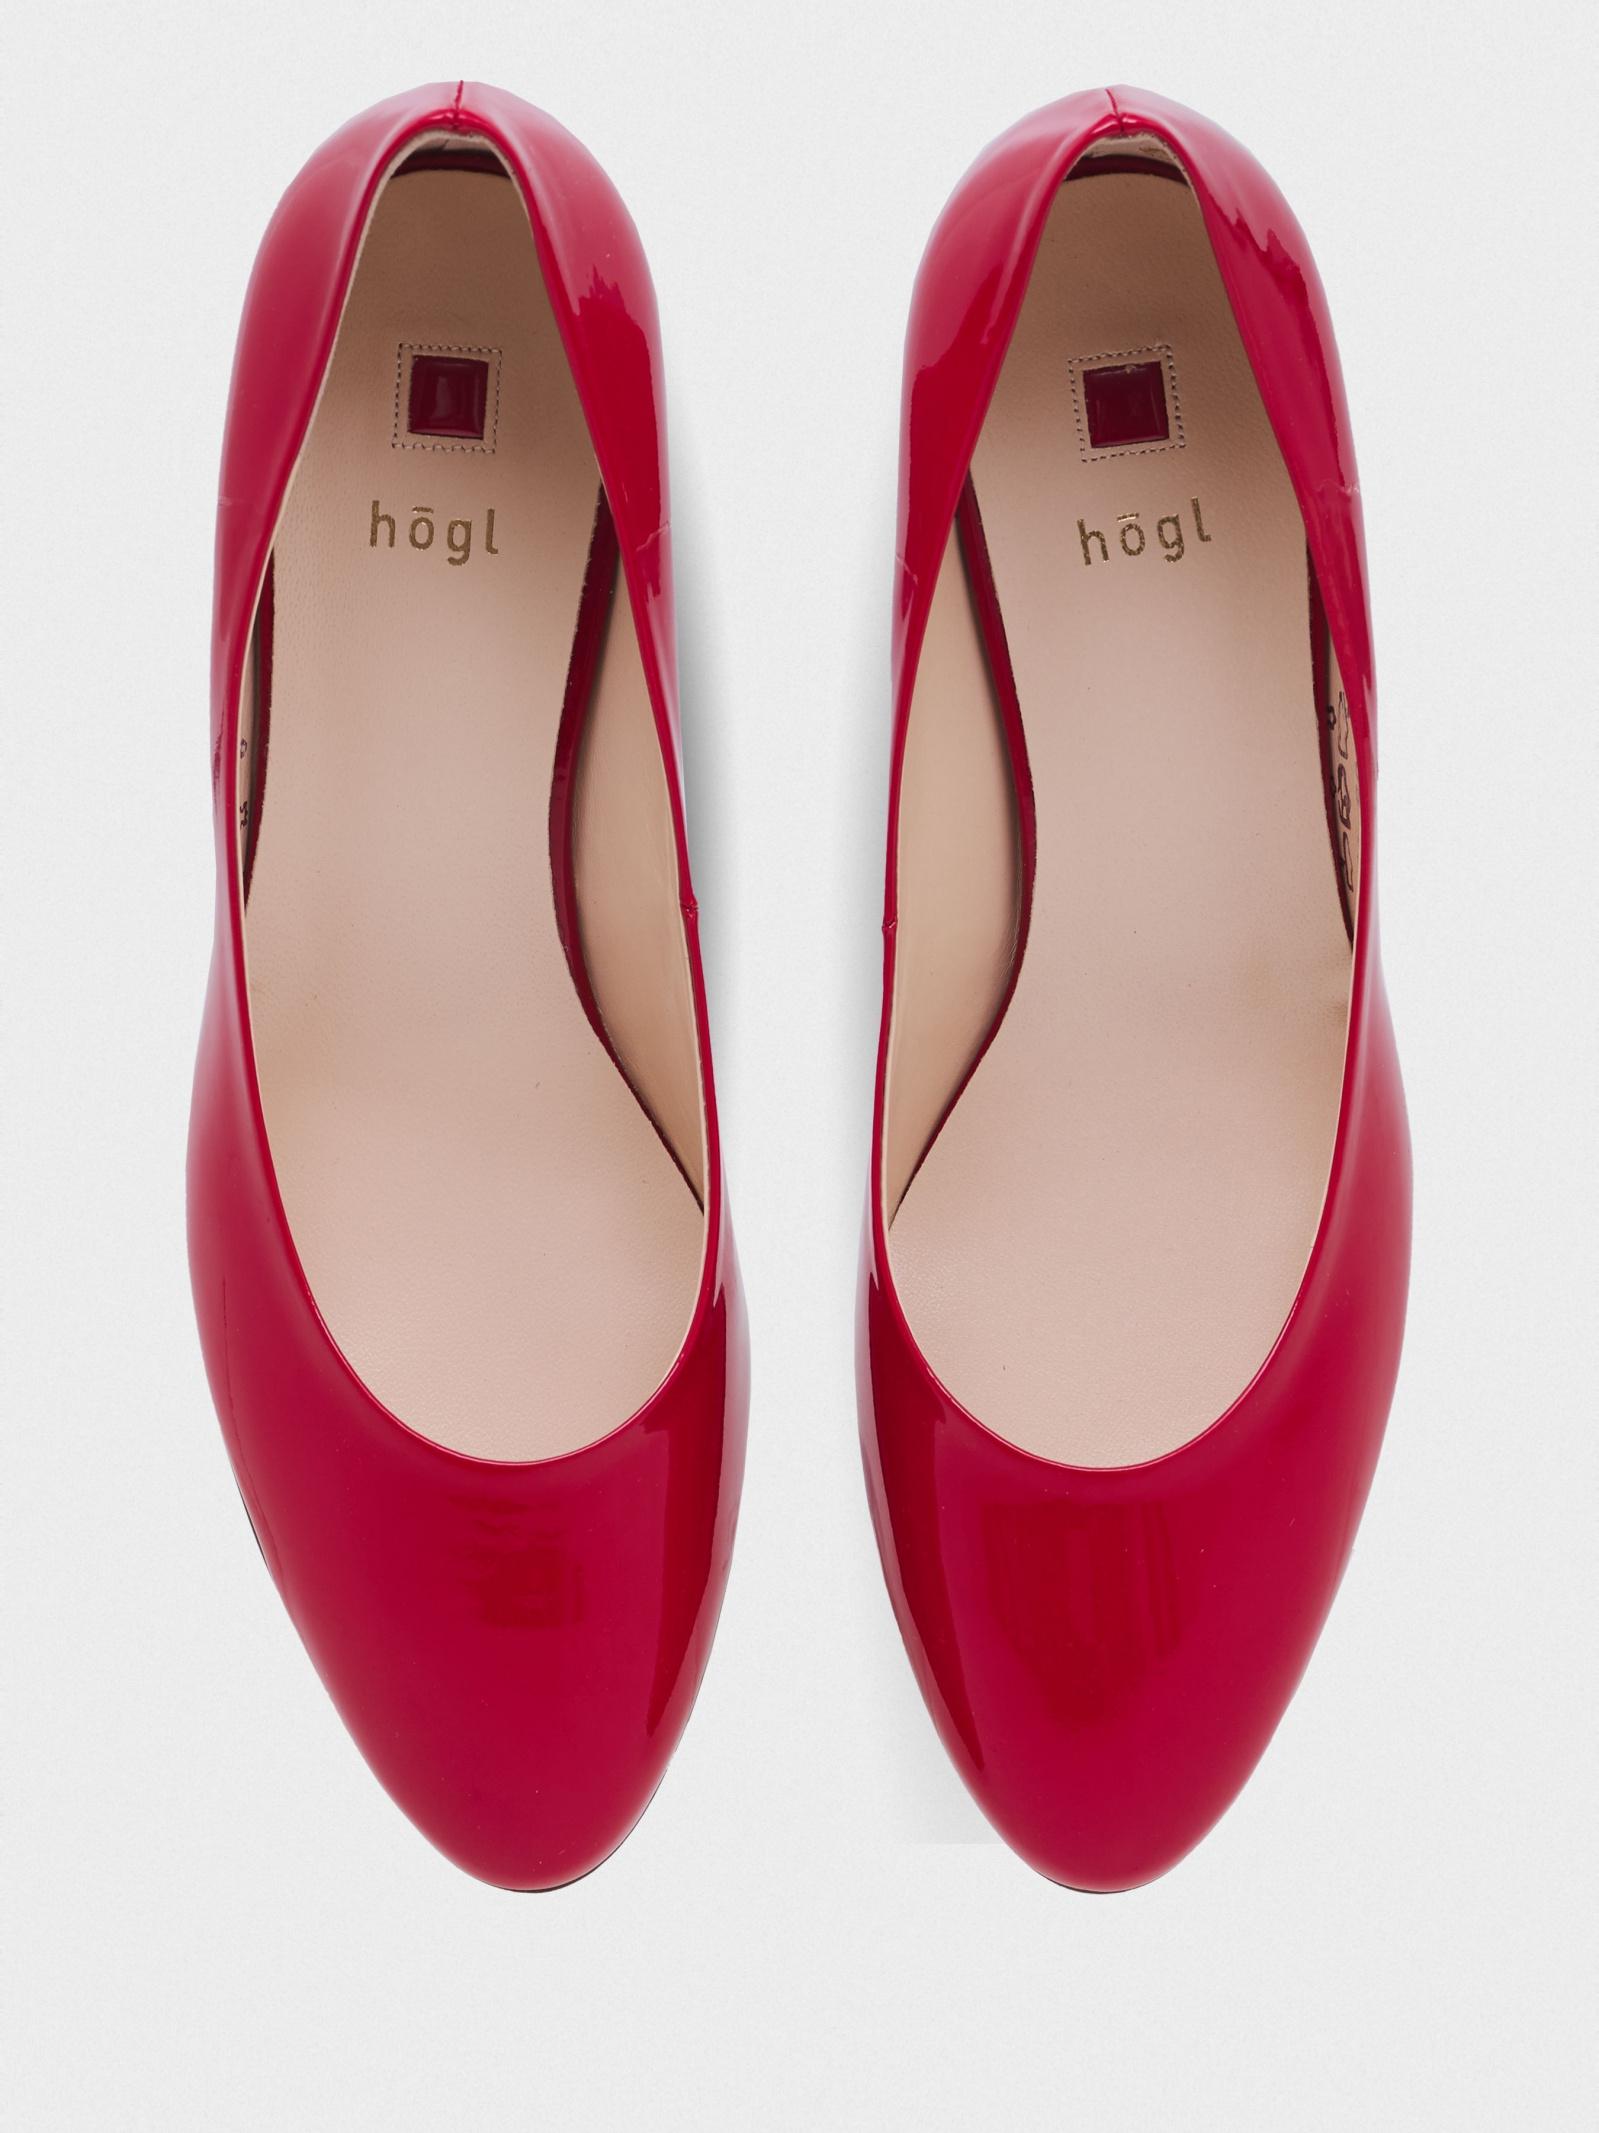 Туфли для женщин Hogl STUDIO 40 YN4031 брендовая обувь, 2017